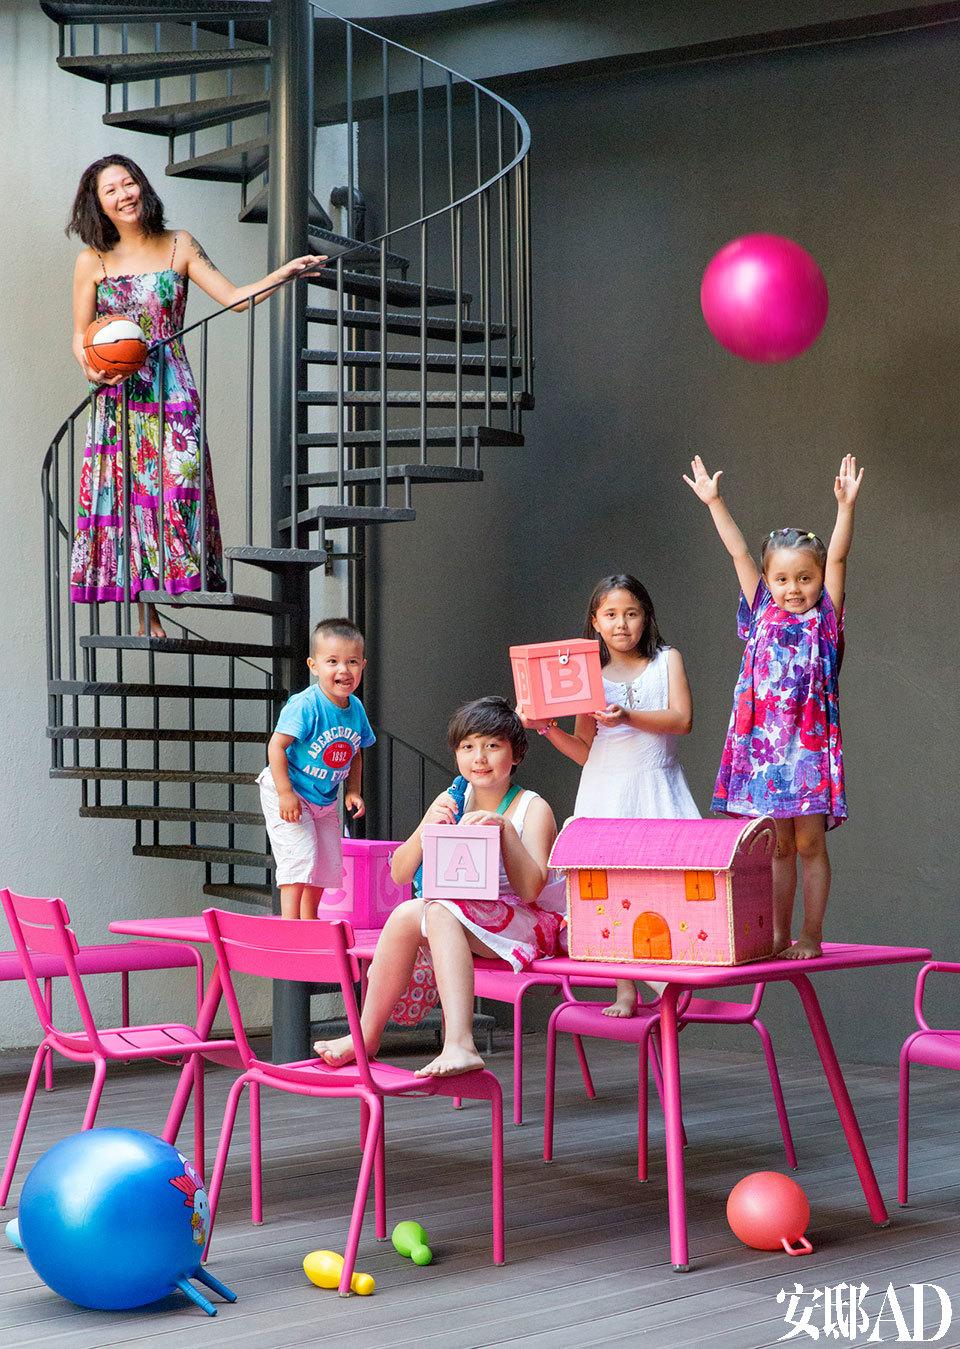 住家附近没什么儿童娱乐设施,就在家里多开辟了一些游戏场地。孩子们的露天游乐园放置在屋后,与地下室的视听室相连,一同解决了地下室的采光问题。地面选用了防腐户外木地板,秋千、滑梯、餐桌也是游戏桌,一应俱全。消防楼梯做成了螺旋形,美观且实用。